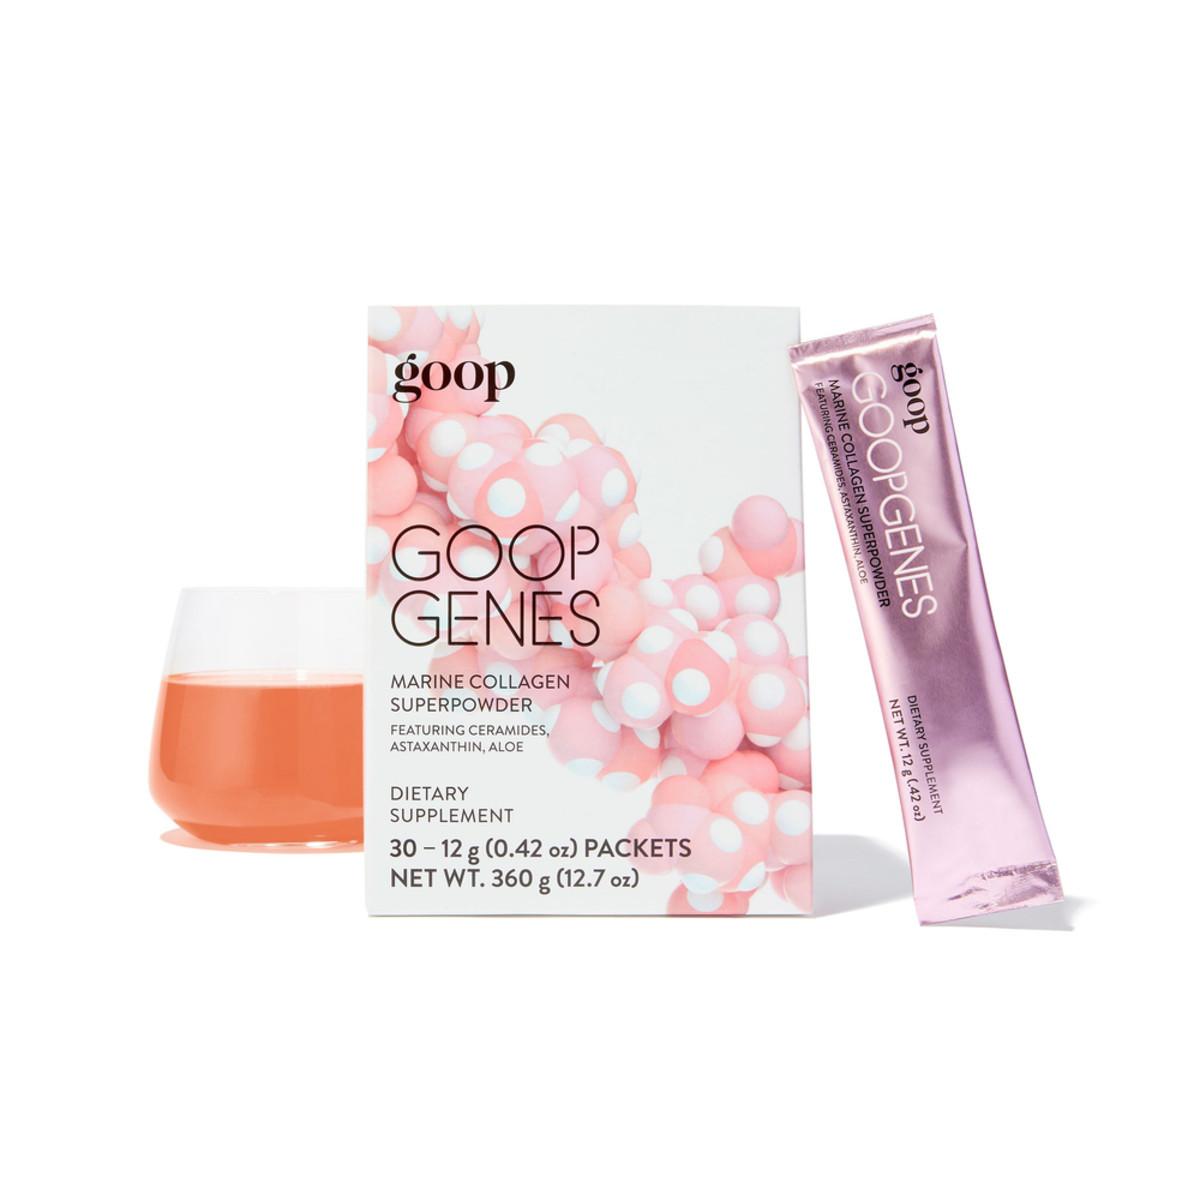 goop_genes_collagen